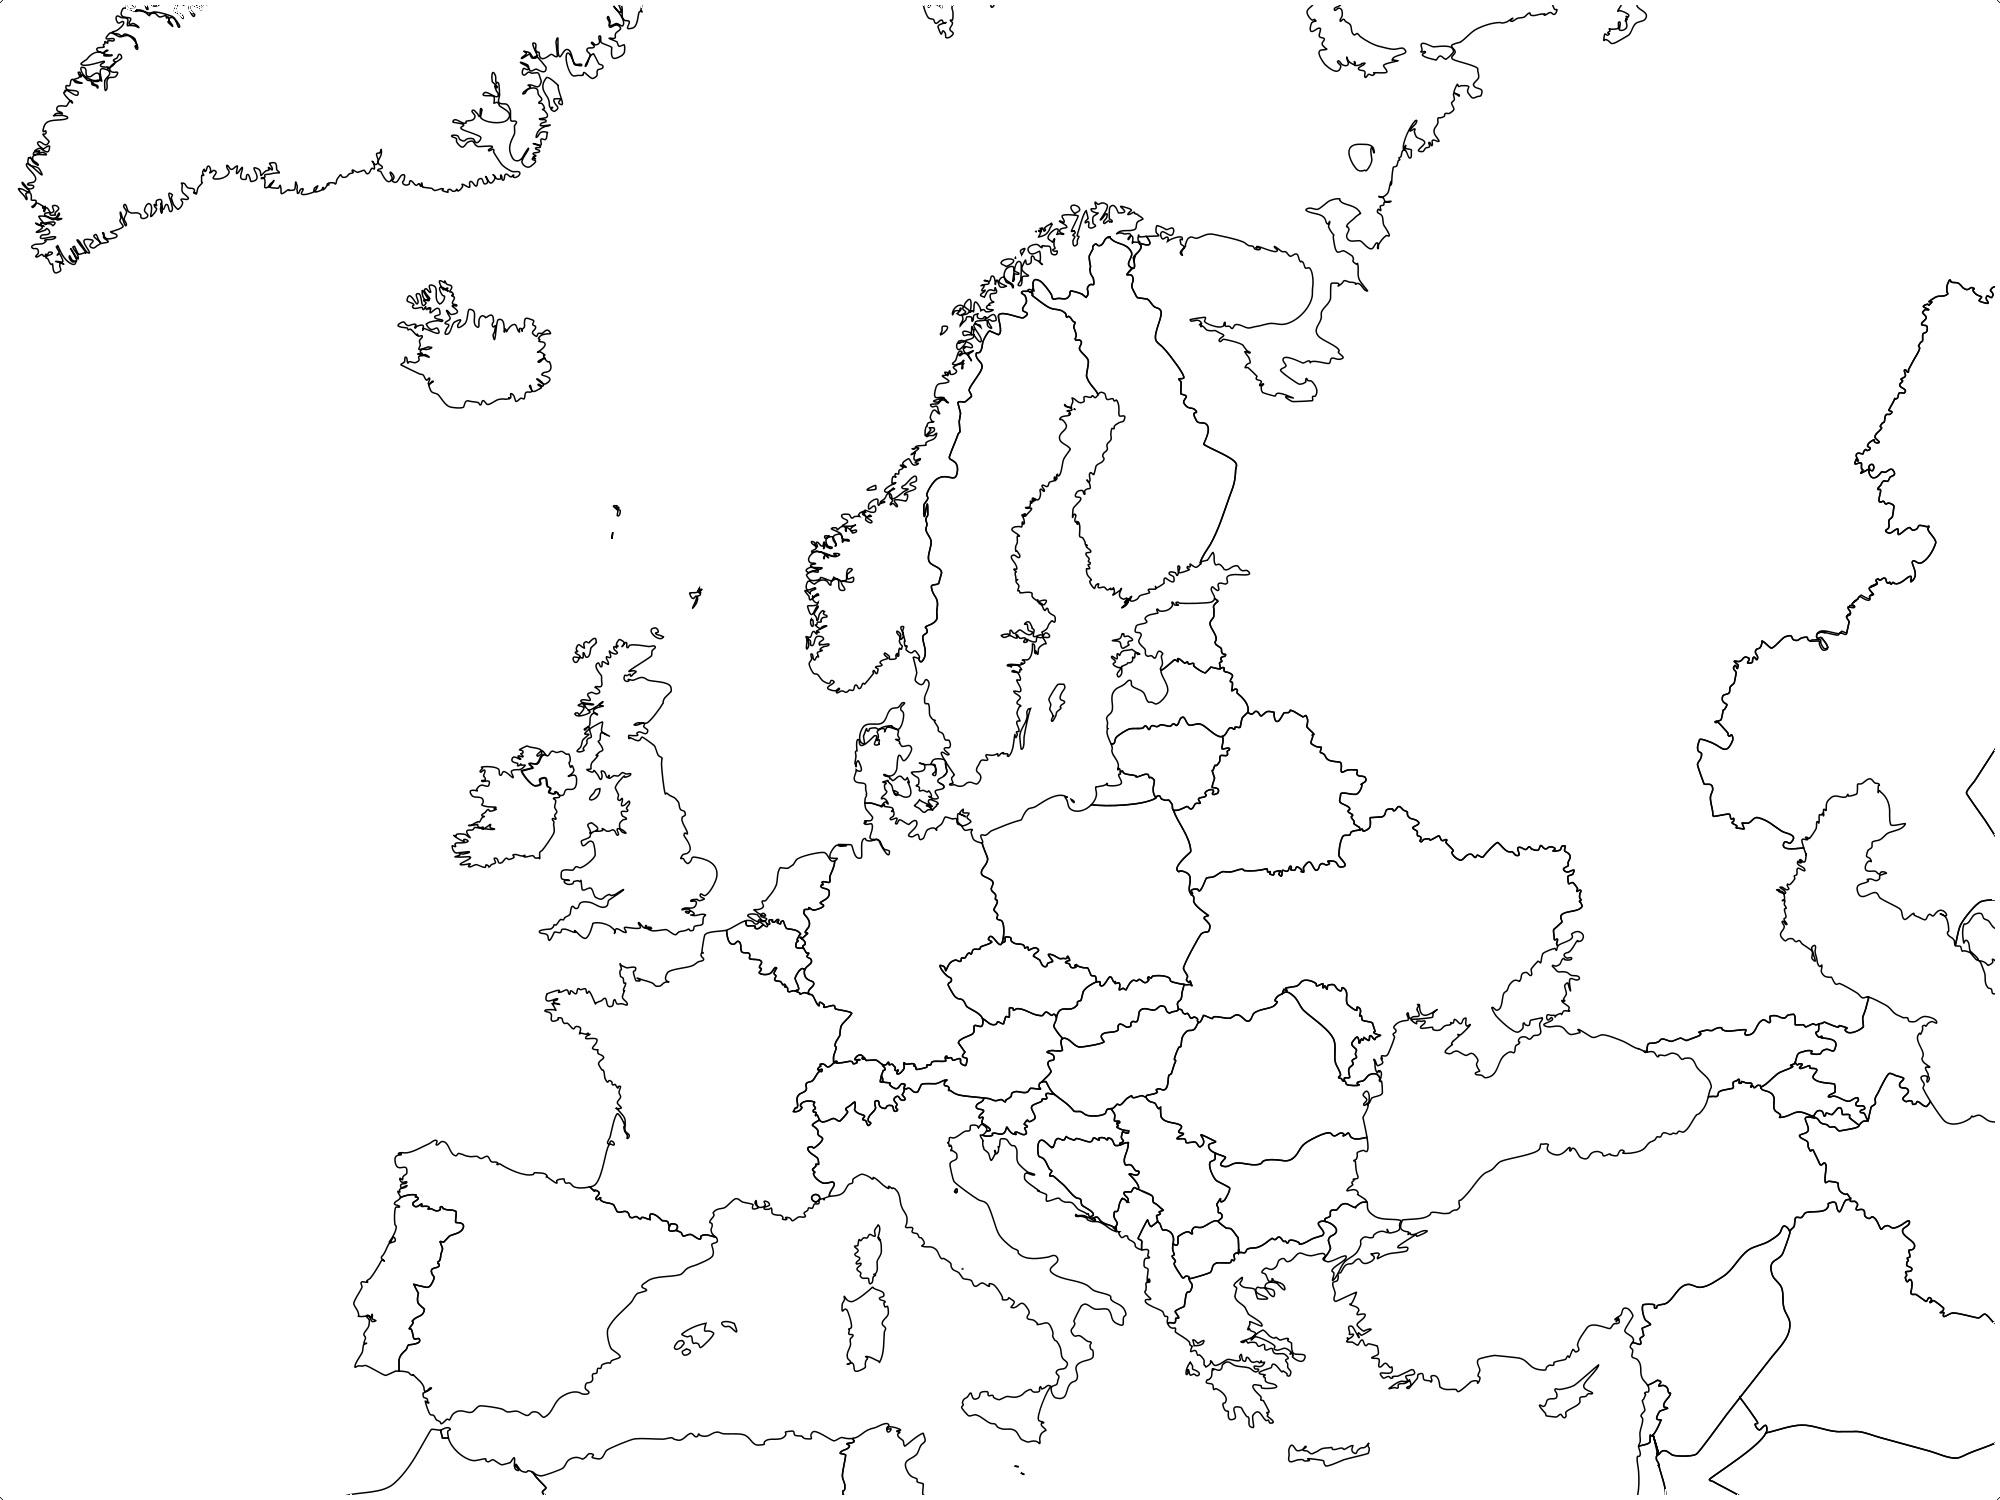 mapa europa mudo